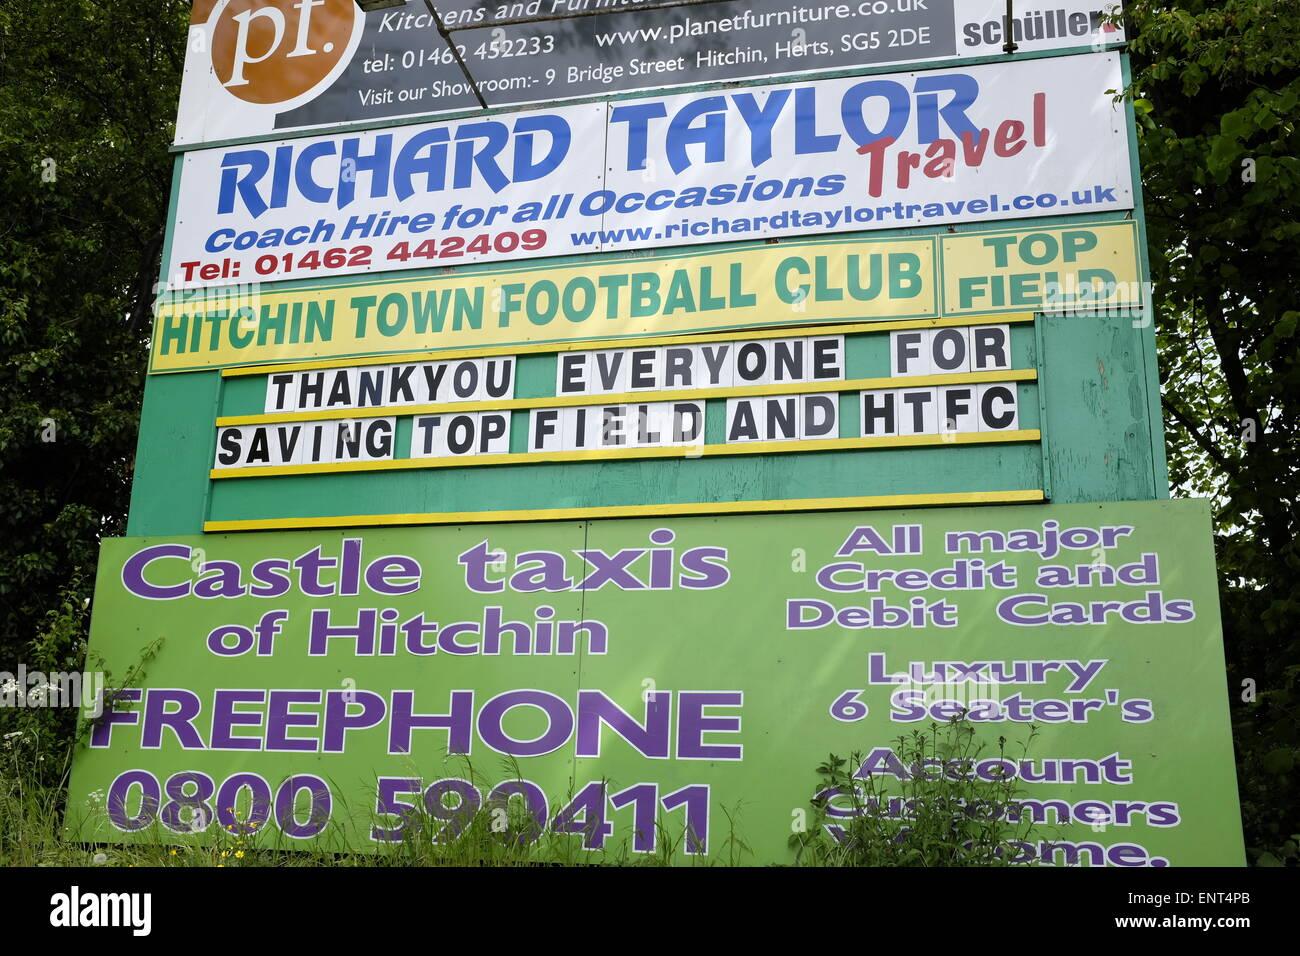 Le Club de Football de la ville de HItchin message de remerciement à la fin de la saison de remercier les fans Photo Stock